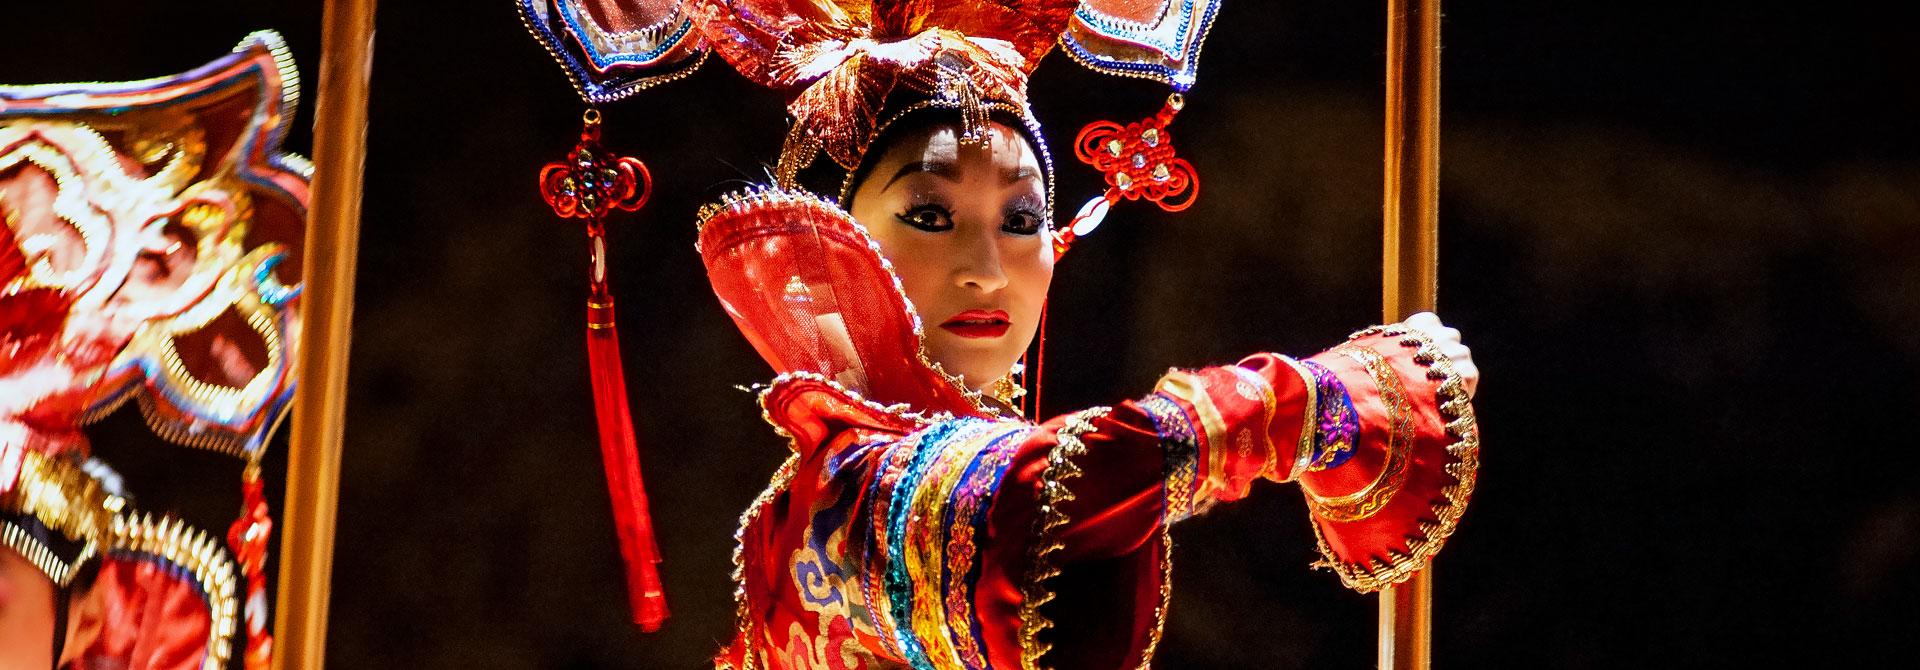 Beijing Acrobatics Macrocosm